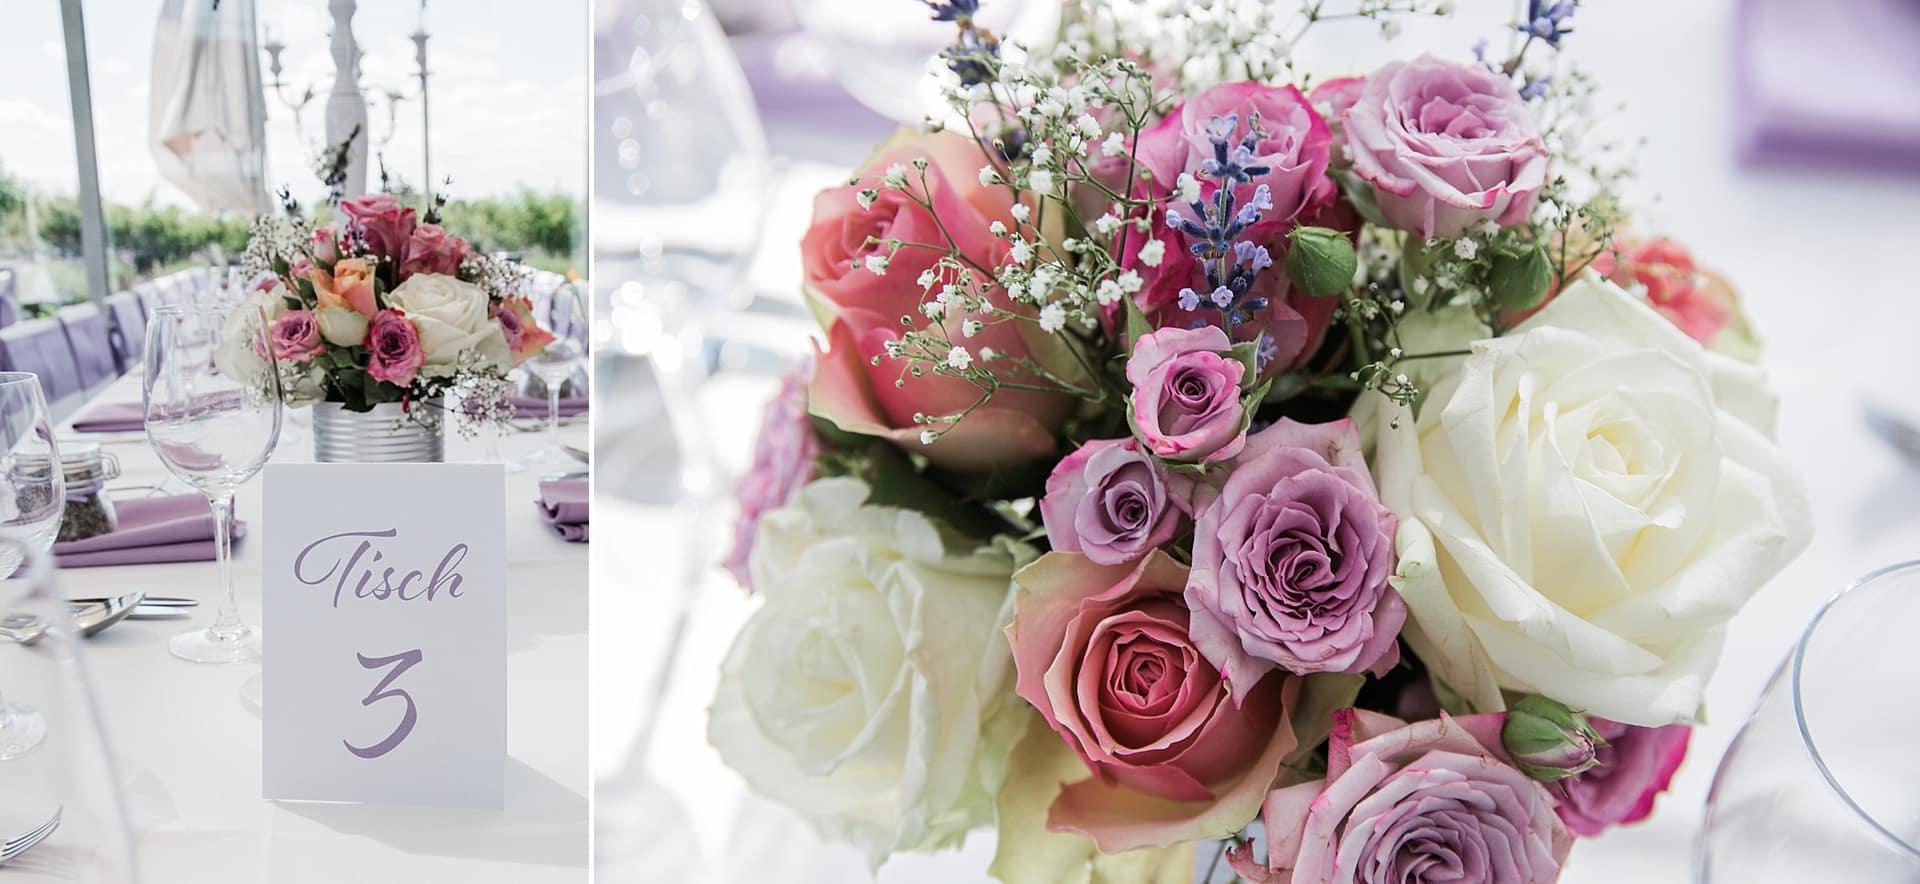 Hochzeitsplanung Dialekt Merdingen